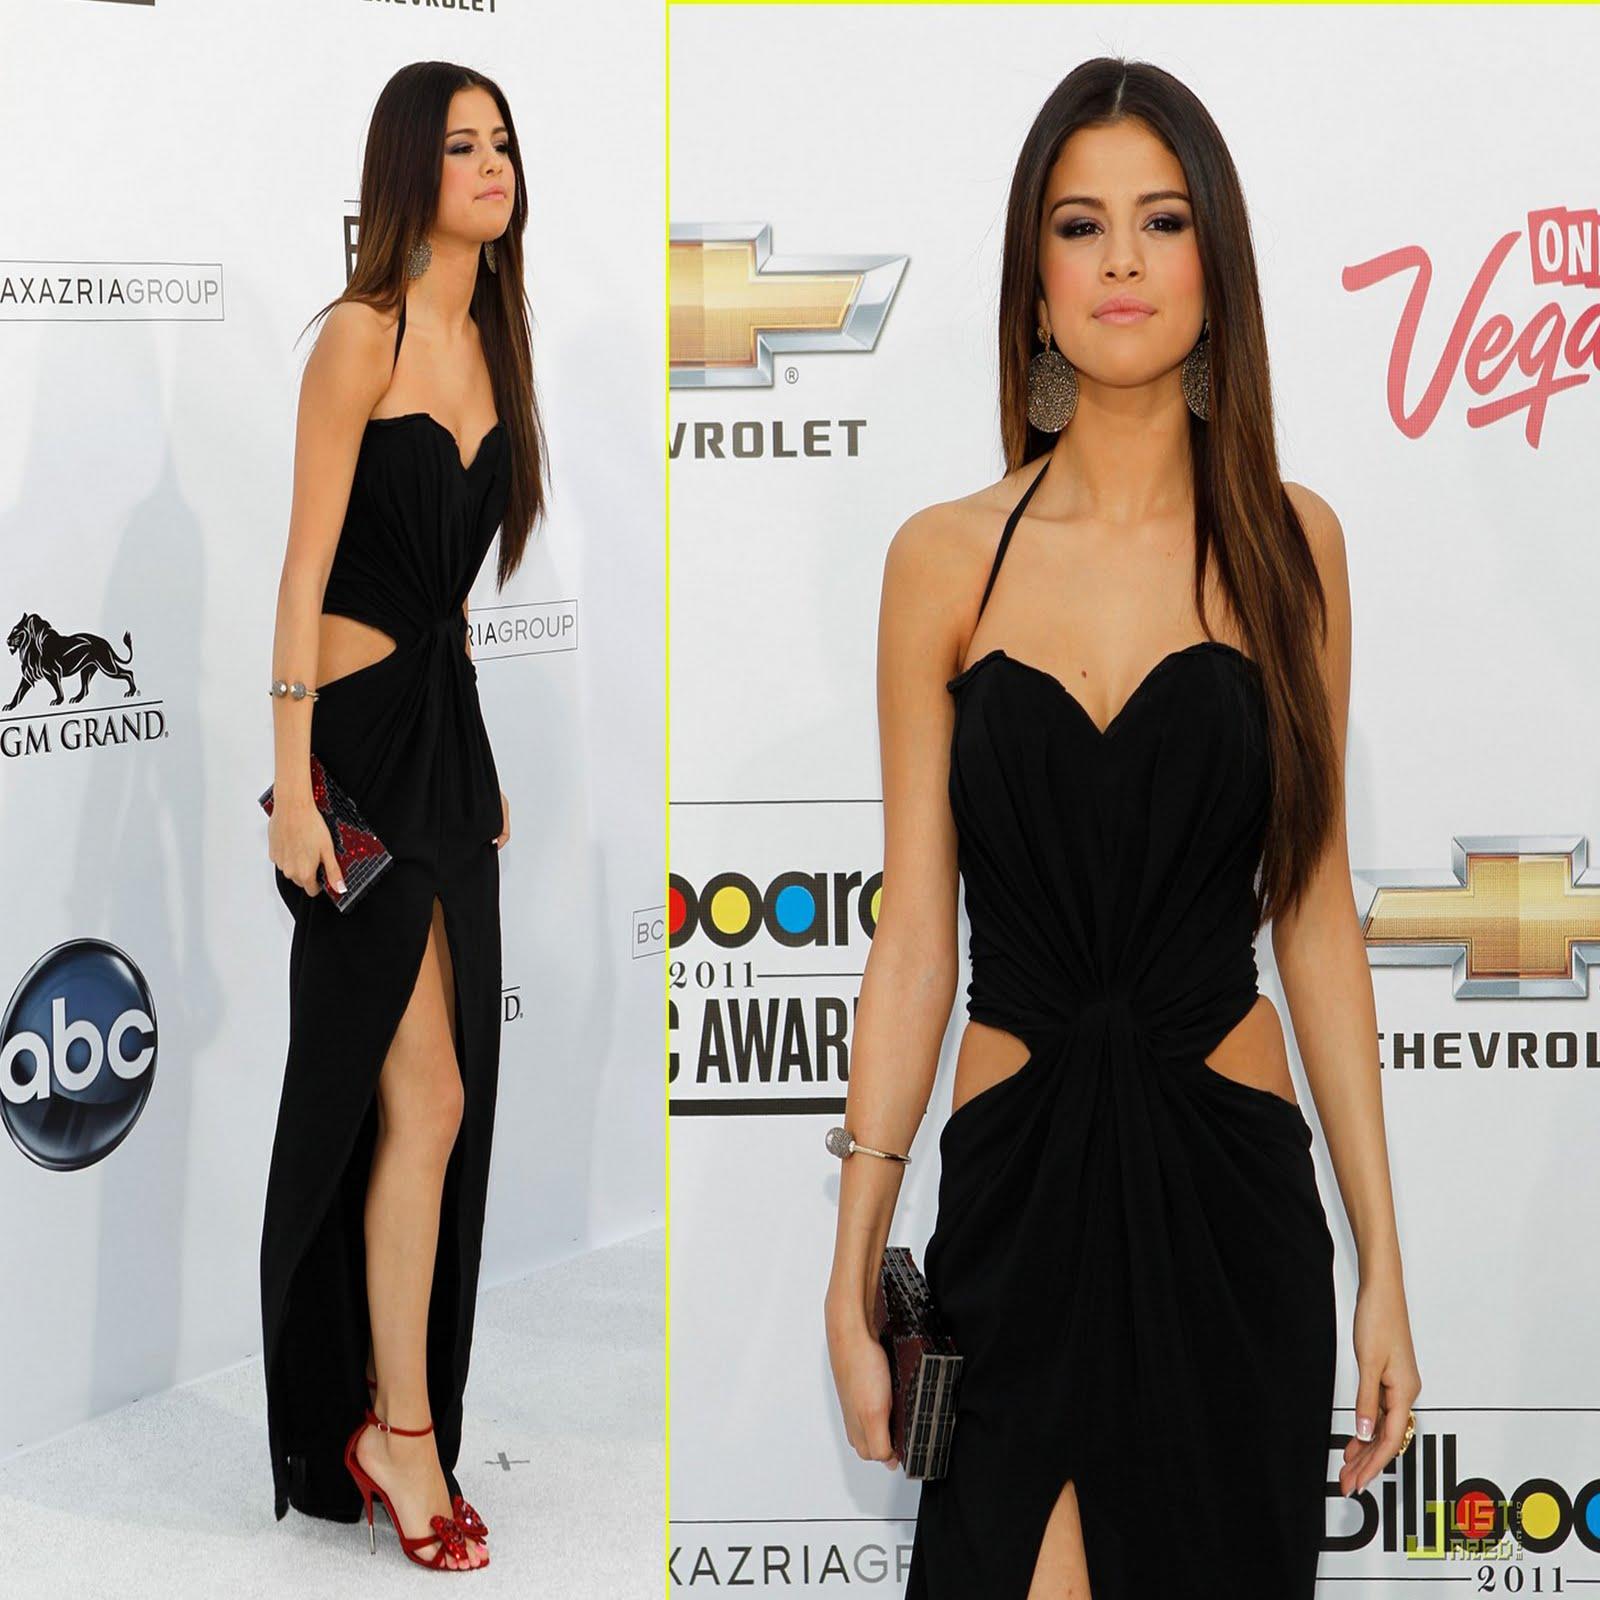 http://1.bp.blogspot.com/-tXQSVBfA398/Tdm3tjGwLPI/AAAAAAAAD_0/Ex-CoqAJBPc/s1600/Billboard+Music+Award+Selena+Gomez.jpg